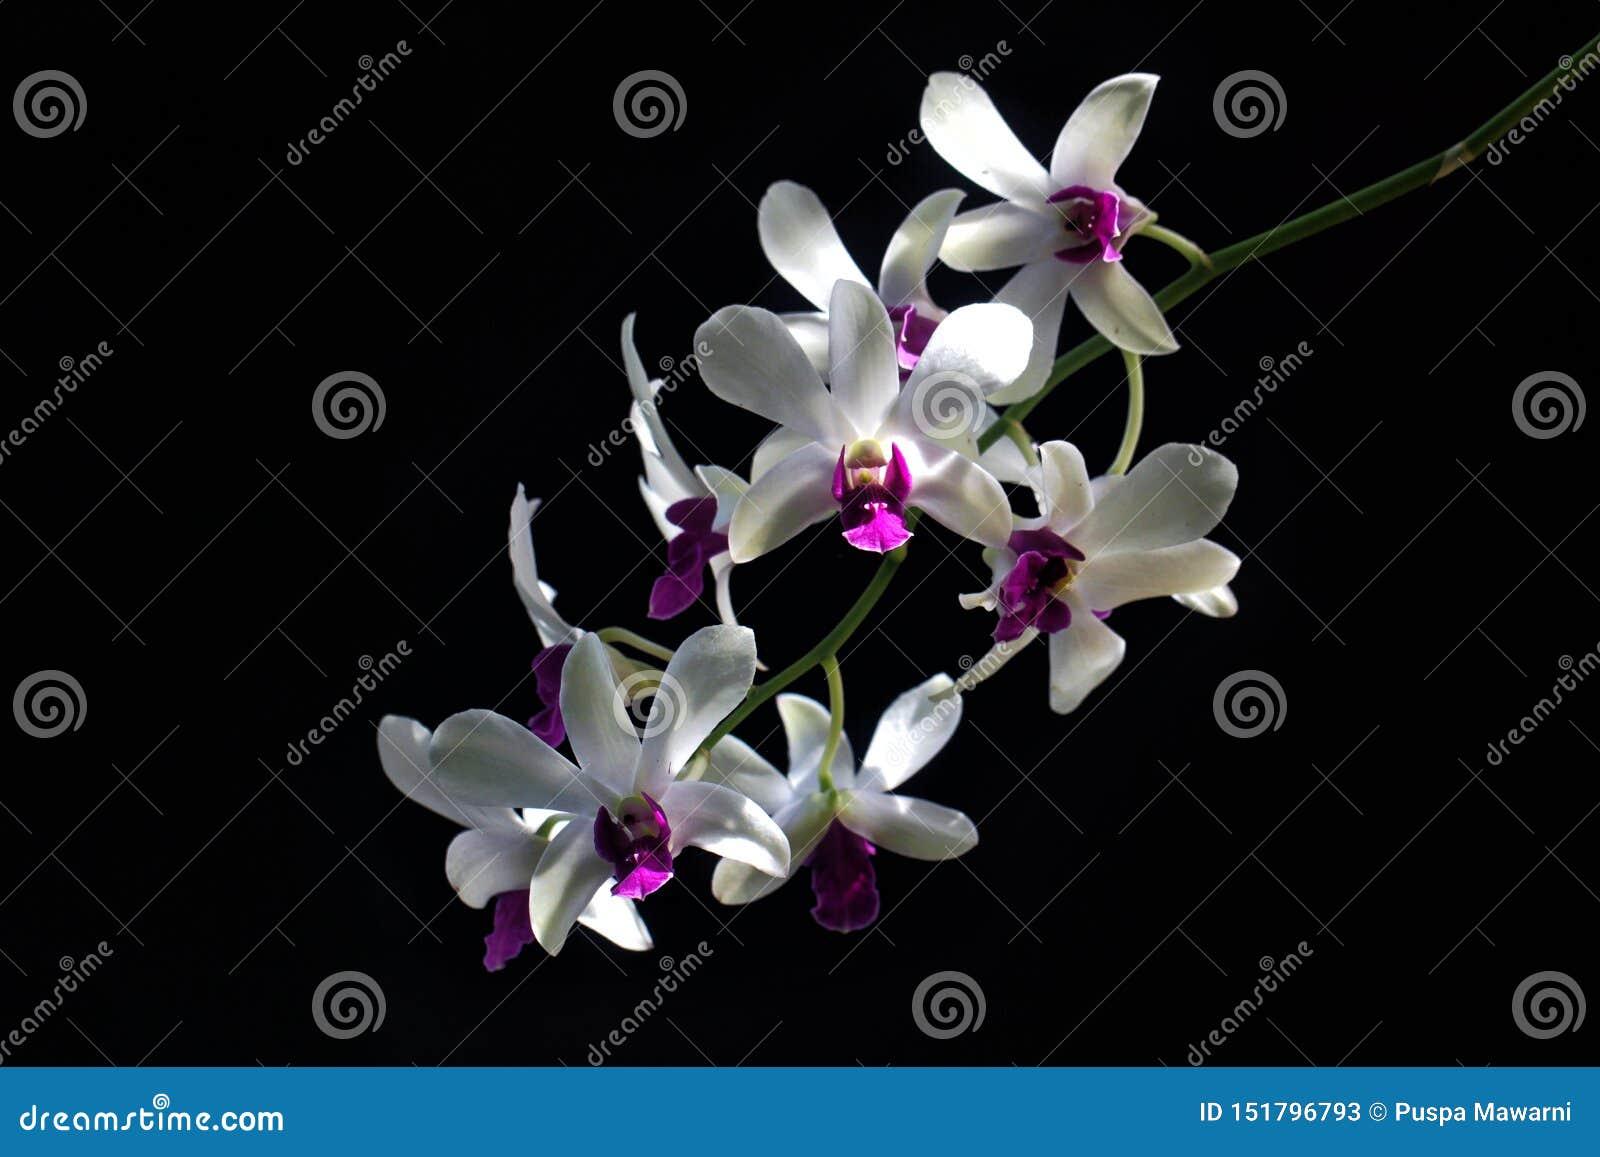 Detail van Witte Purpere Orchideeën Dendrodium met Zwarte Achtergrond en Natuurlijk Licht op Bloembloemblaadjes